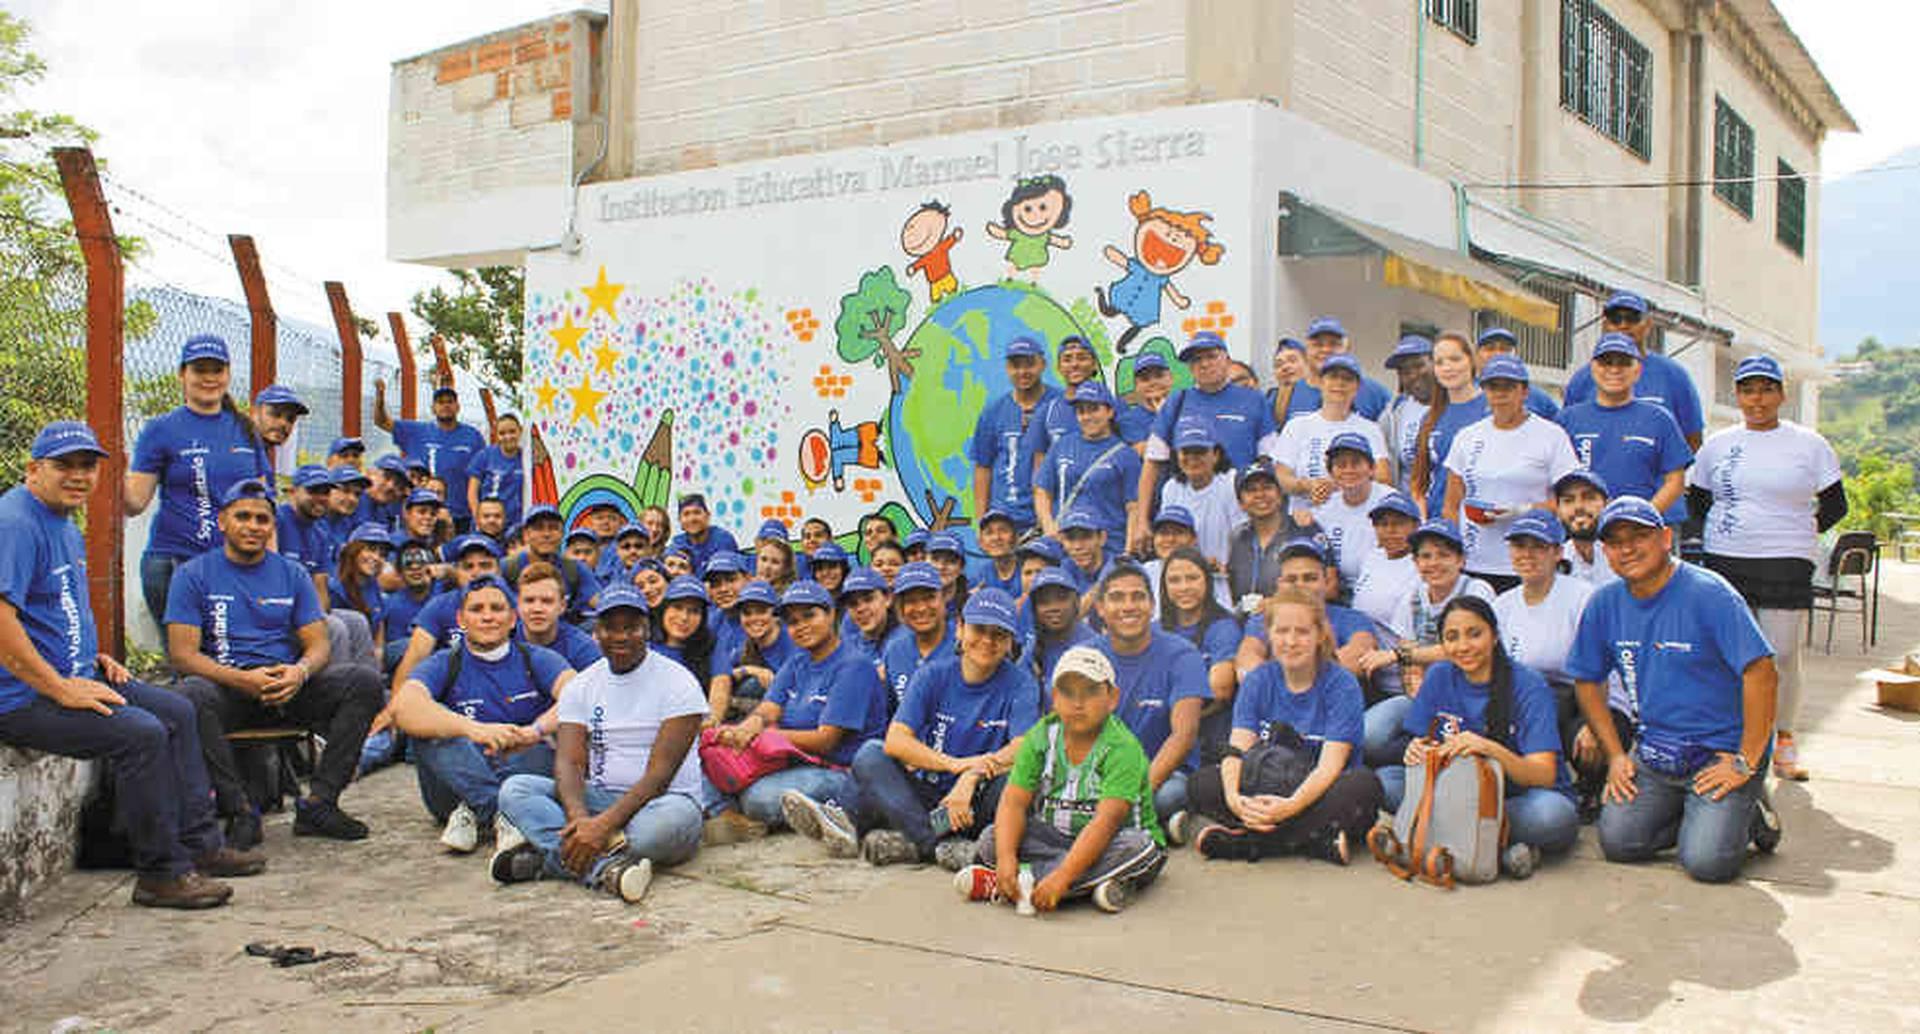 Los empleados de Corona participan en jornadas de voluntariado para mejorar la infraestructura de los colegios del pueblo.